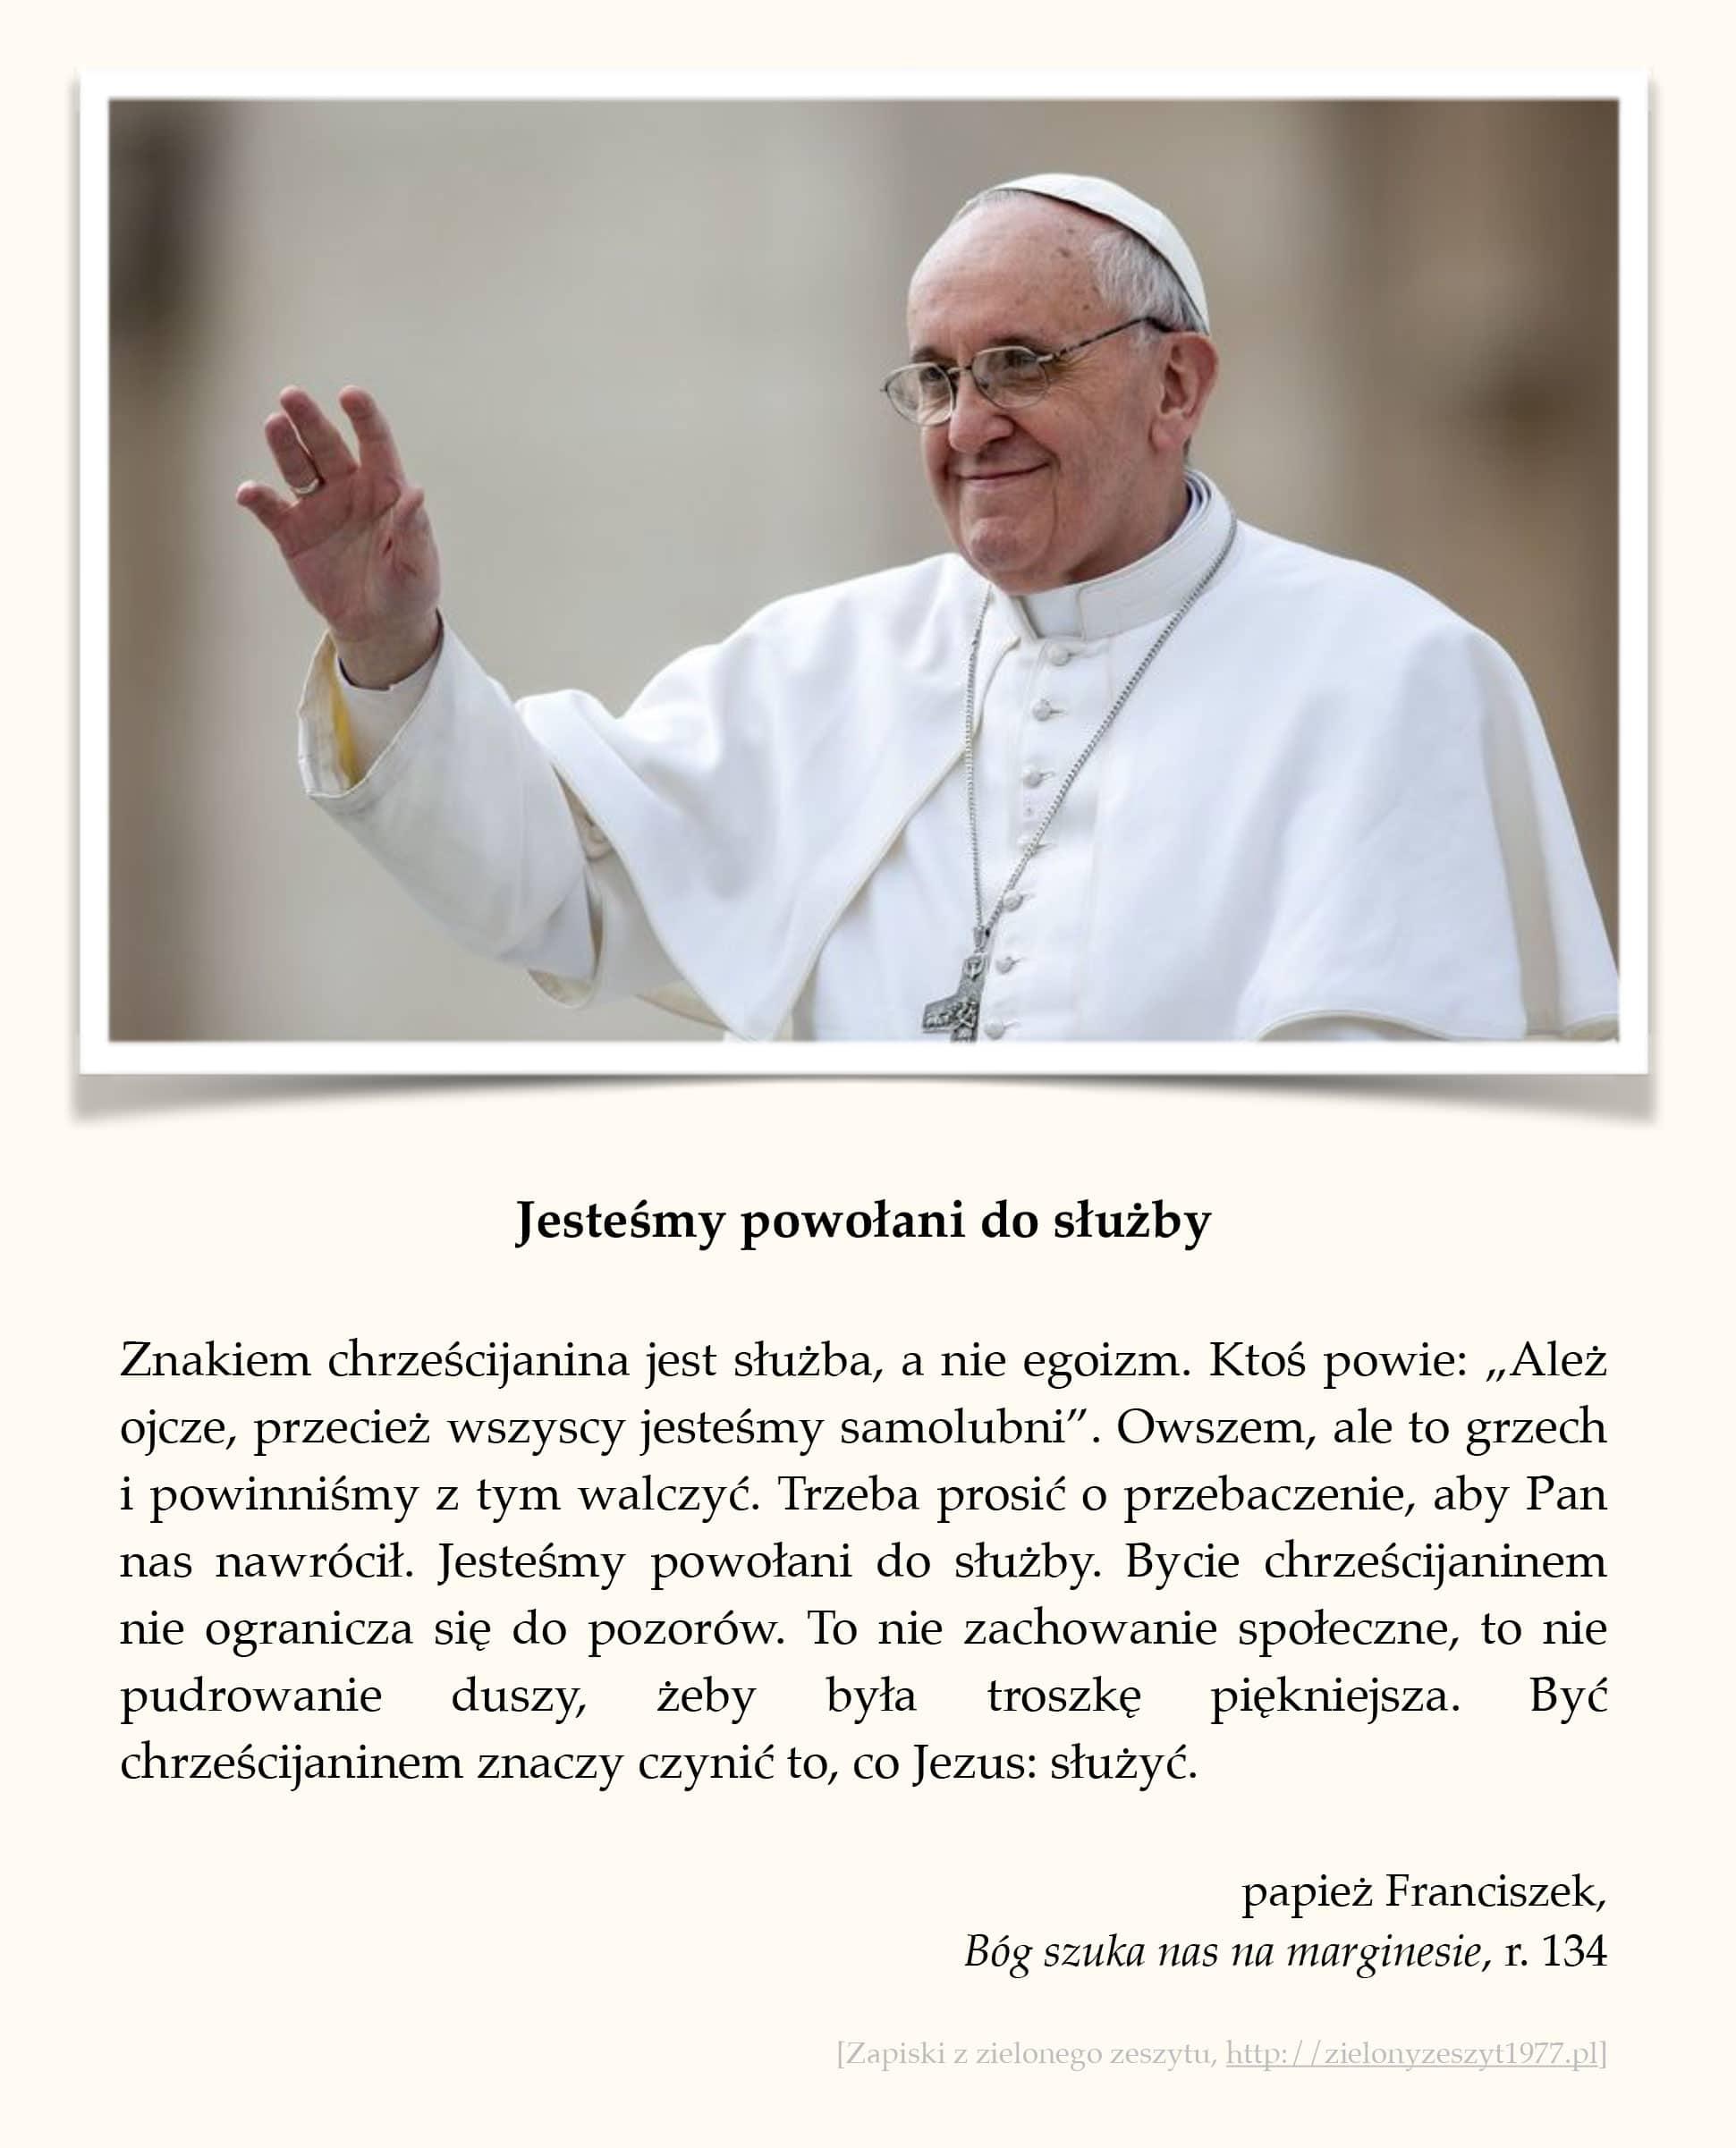 """papież Franciszek, """"Bóg szuka nas na marginesie"""", r. 134 (Jesteśmy powołani do służby)"""